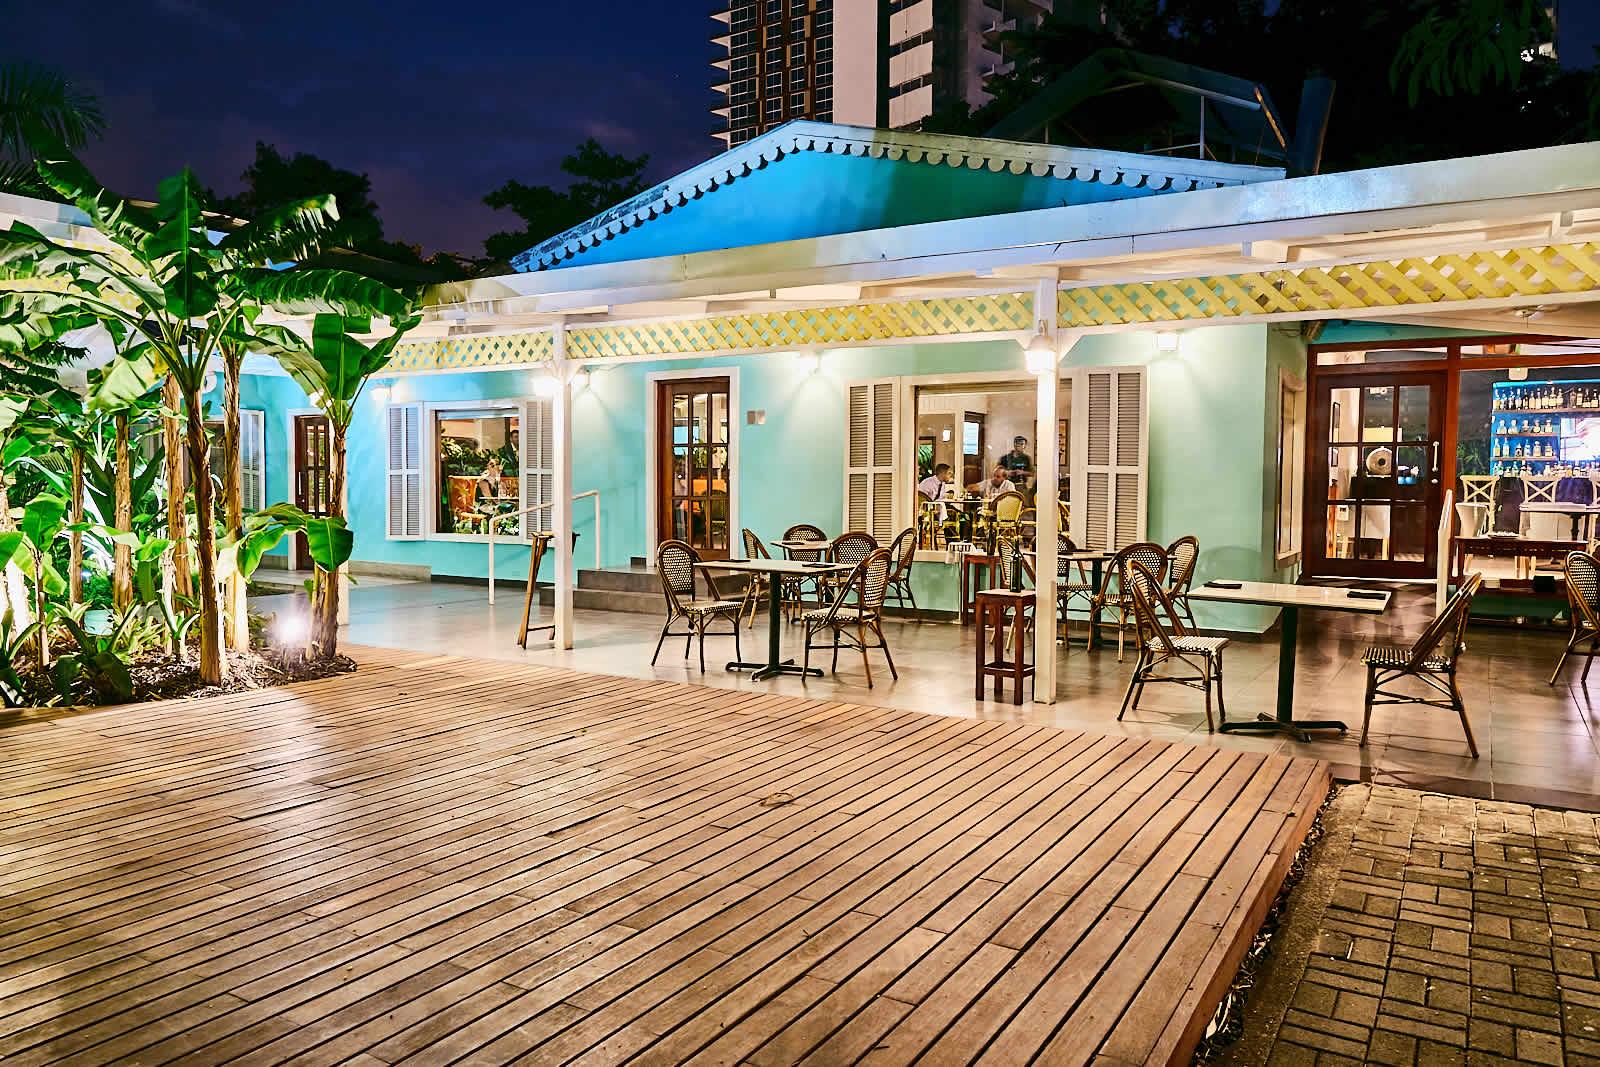 Restaurante Maito Panama Latin America S 50 Best Restaurants